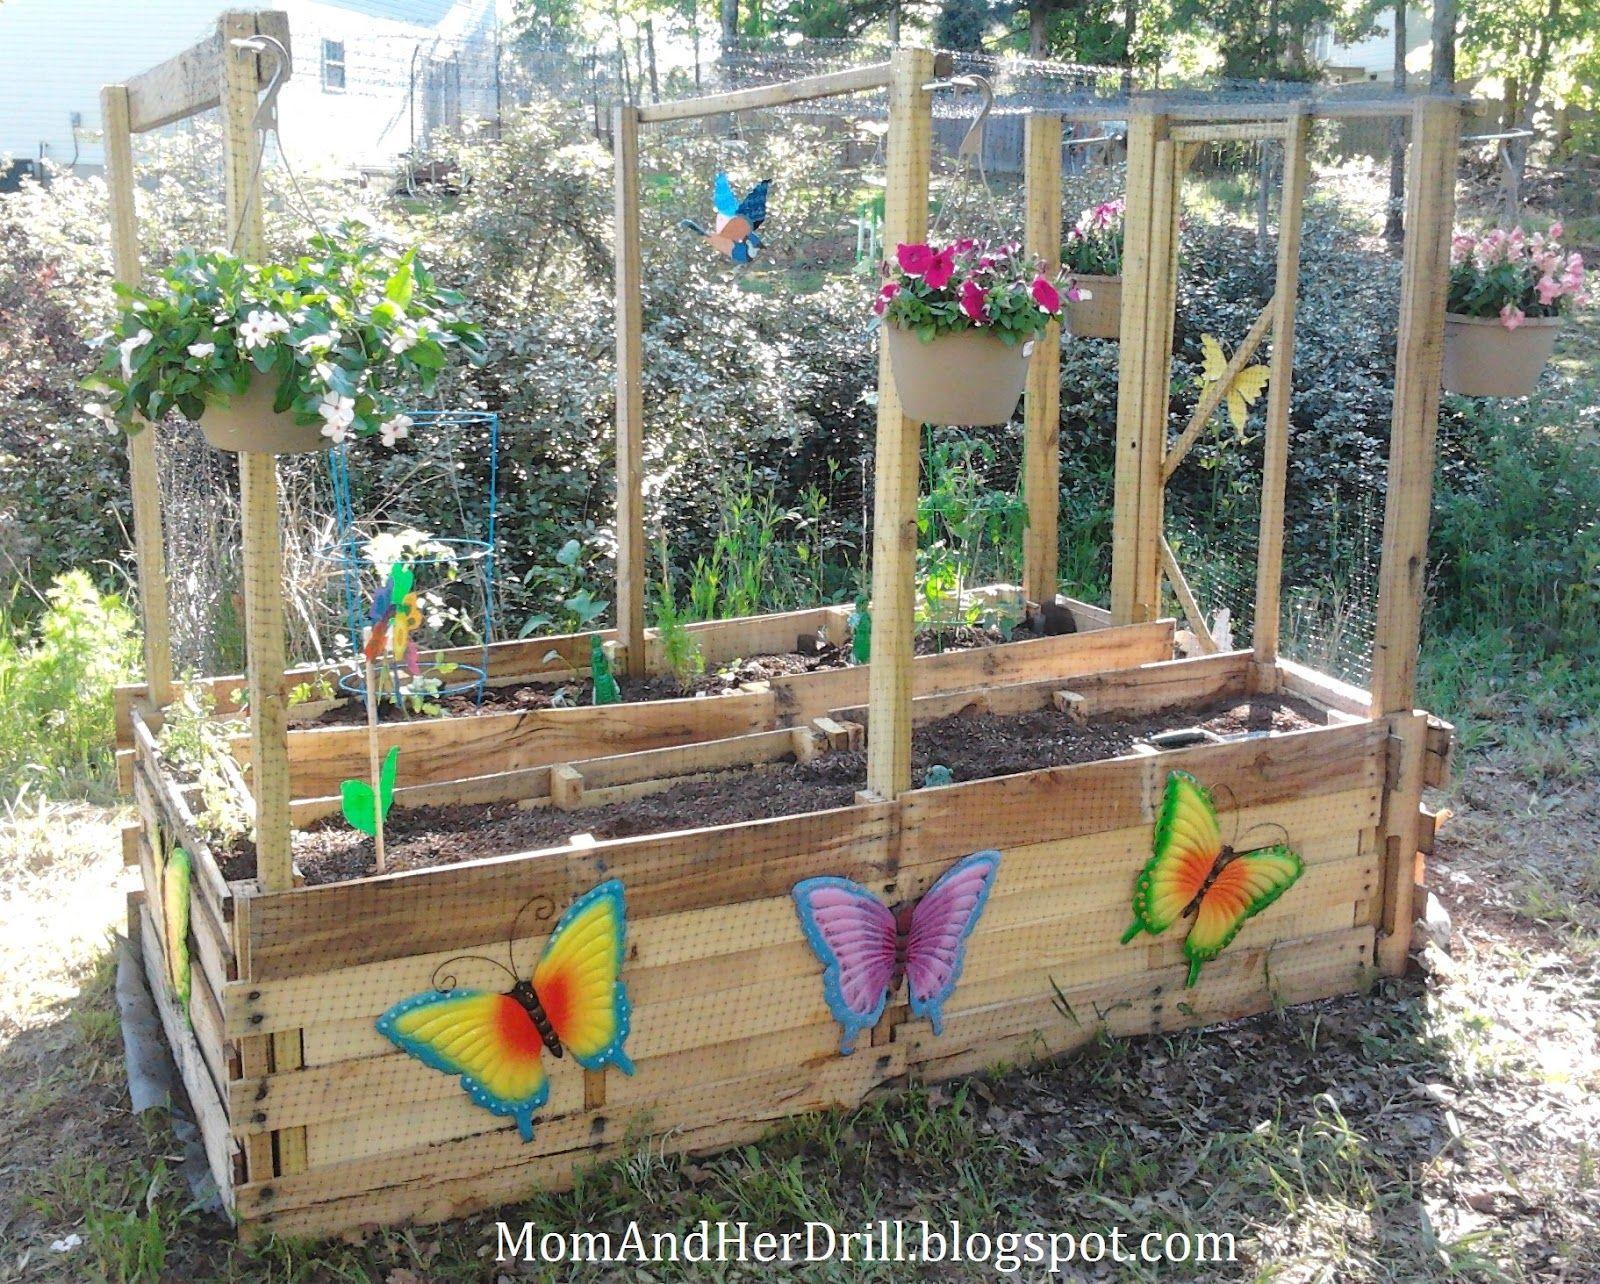 407 Best Images About ✿ School Garden ✿ On Pinterest Children